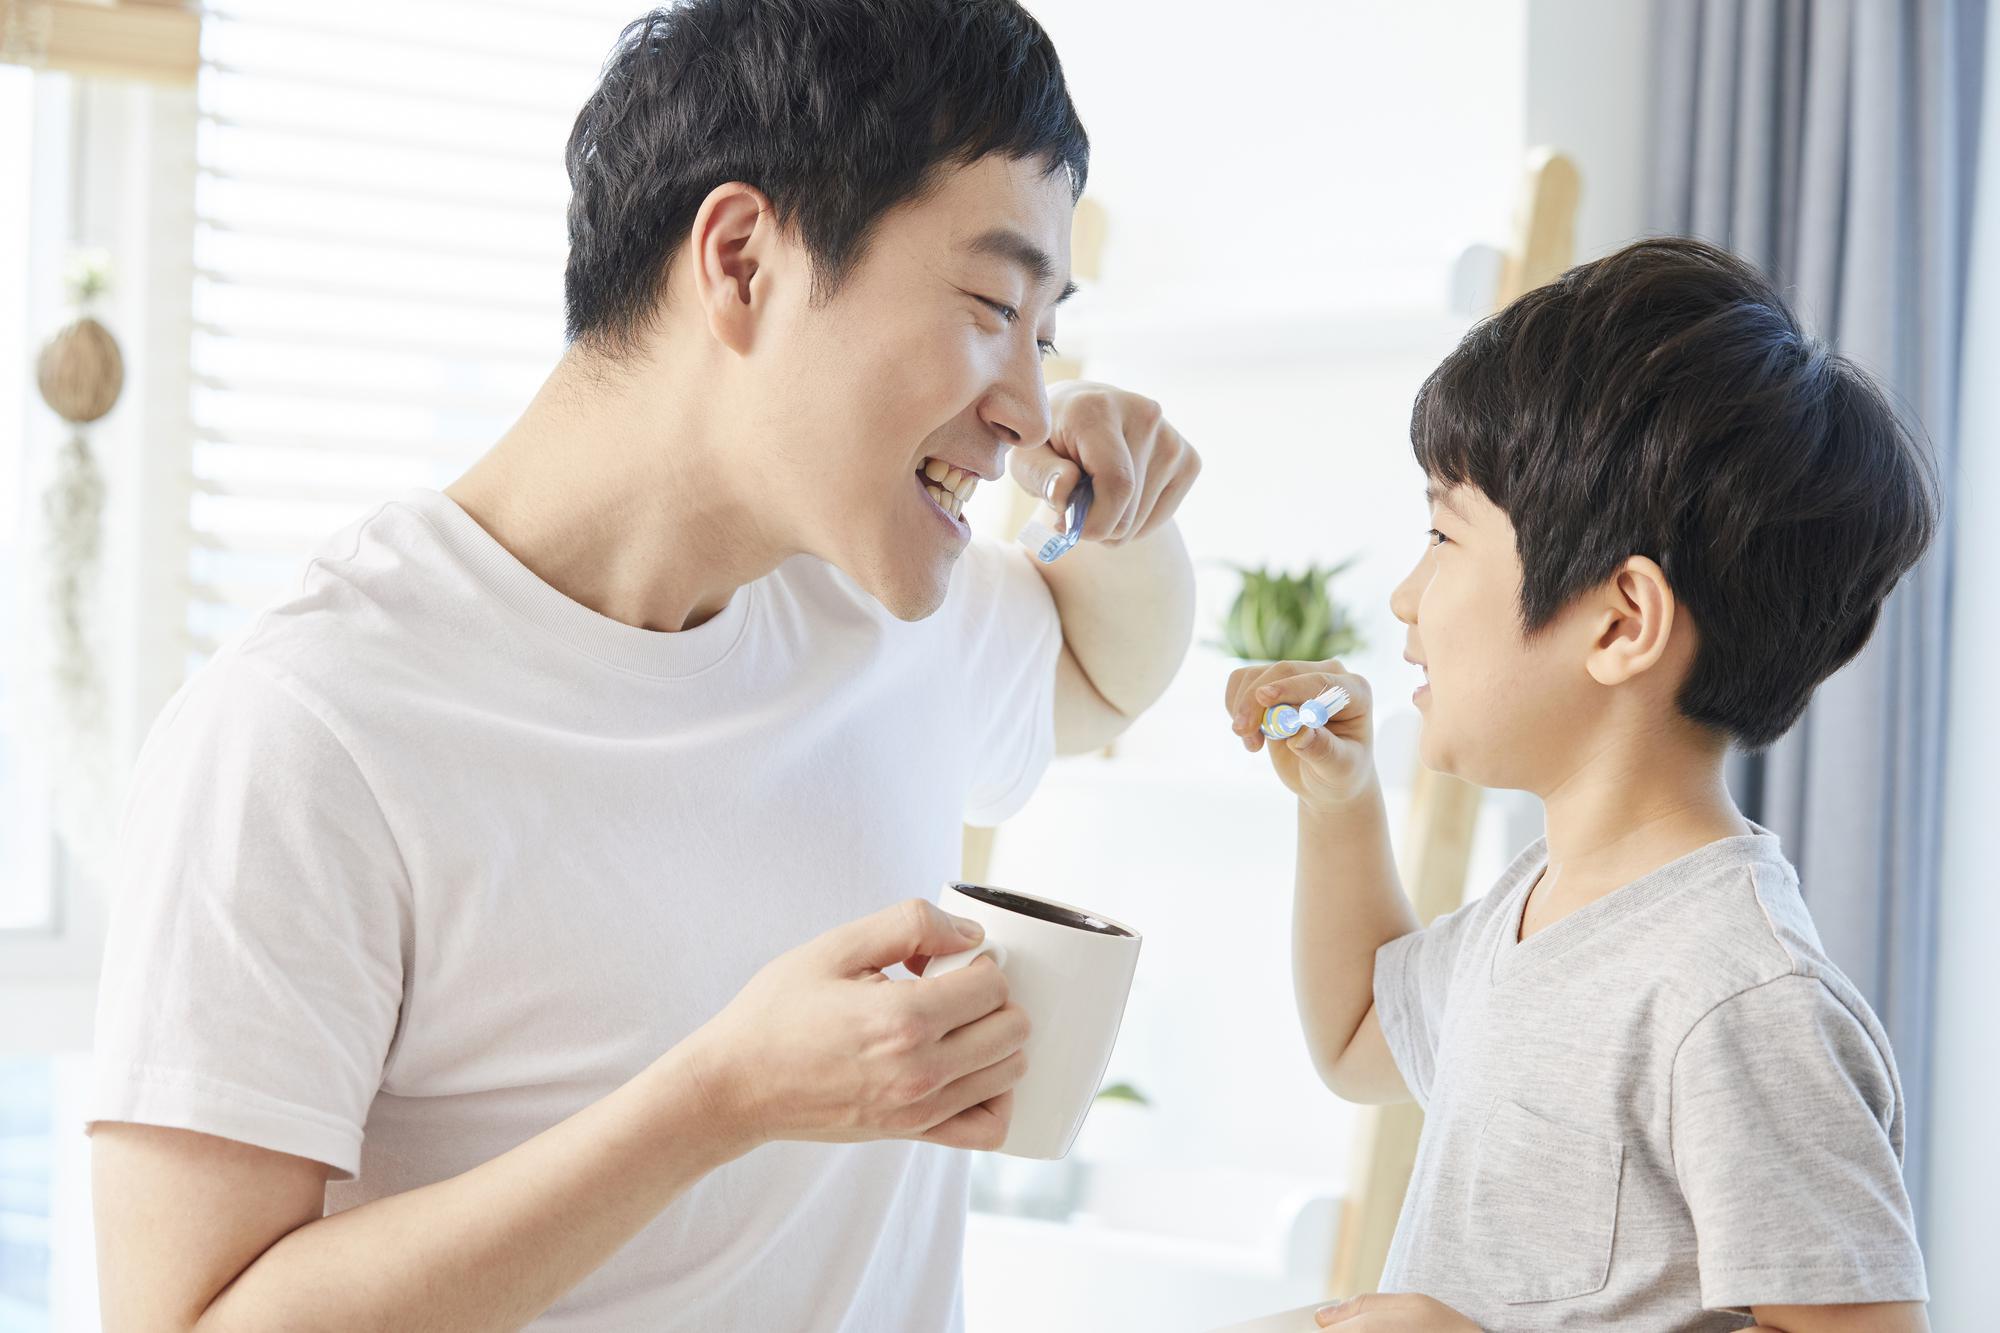 歯磨きするパパと子ども